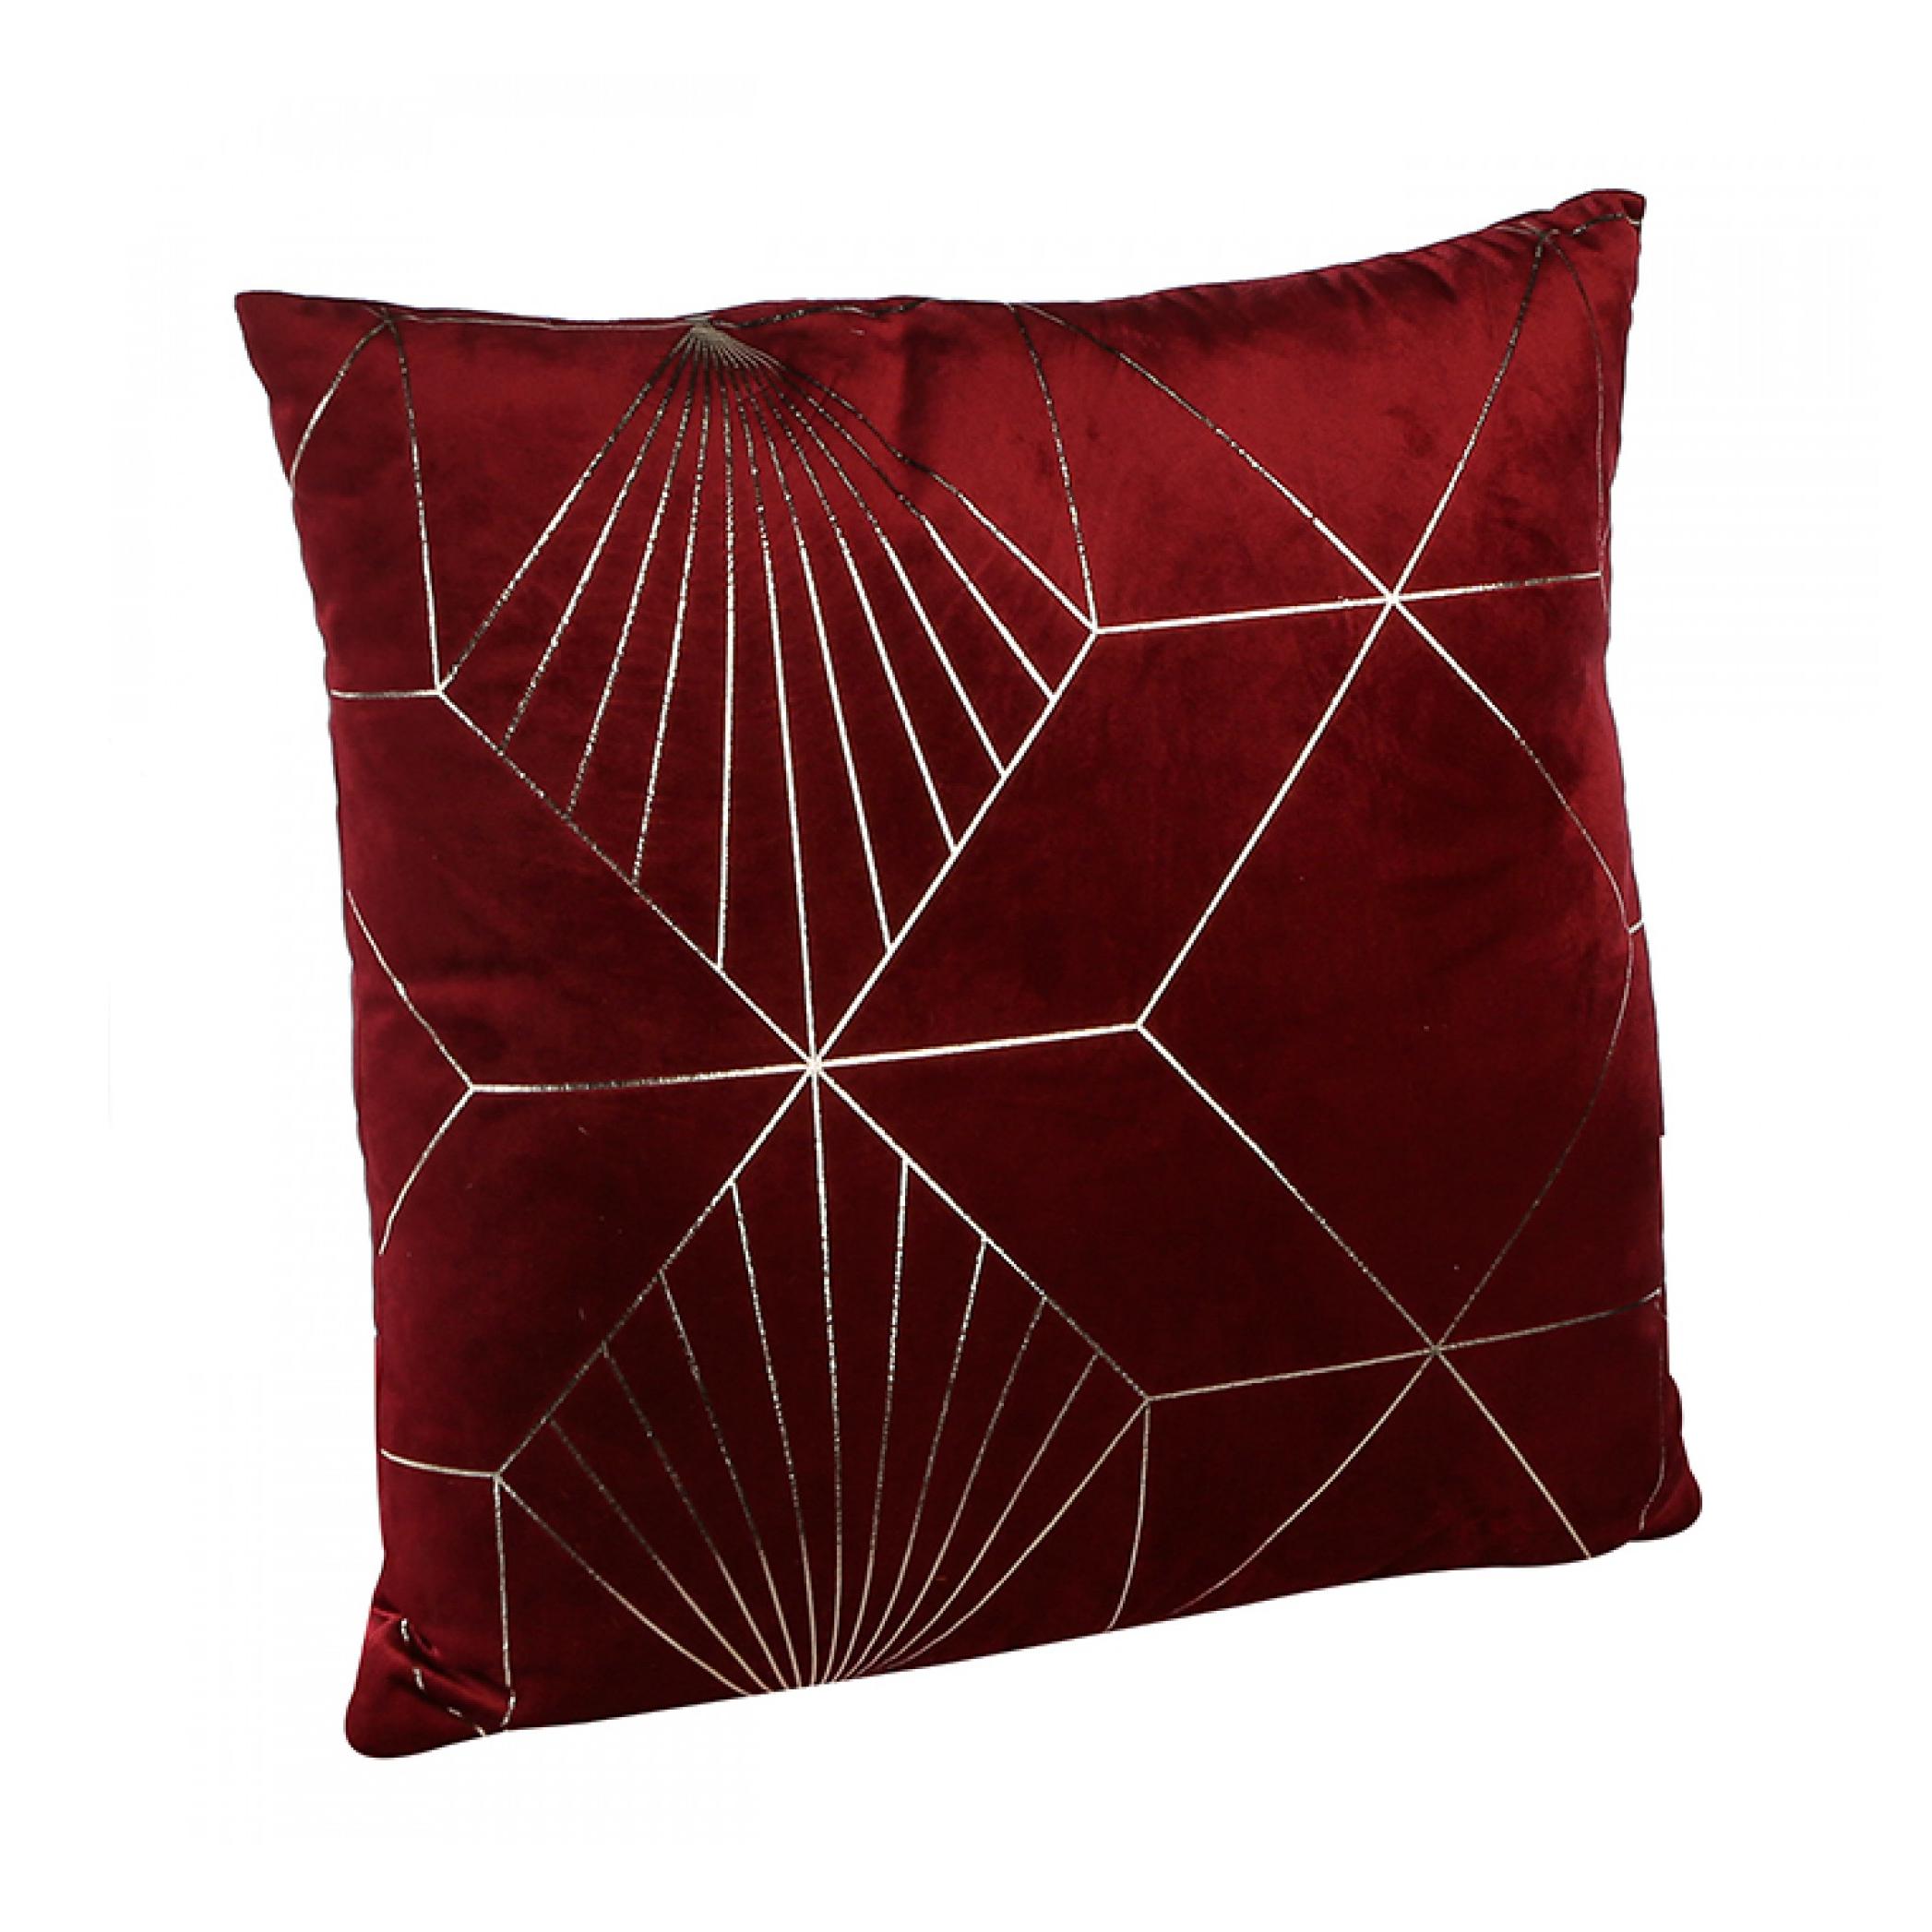 Dekorativní polštář Graphic, 45 cm, červená/zlatá